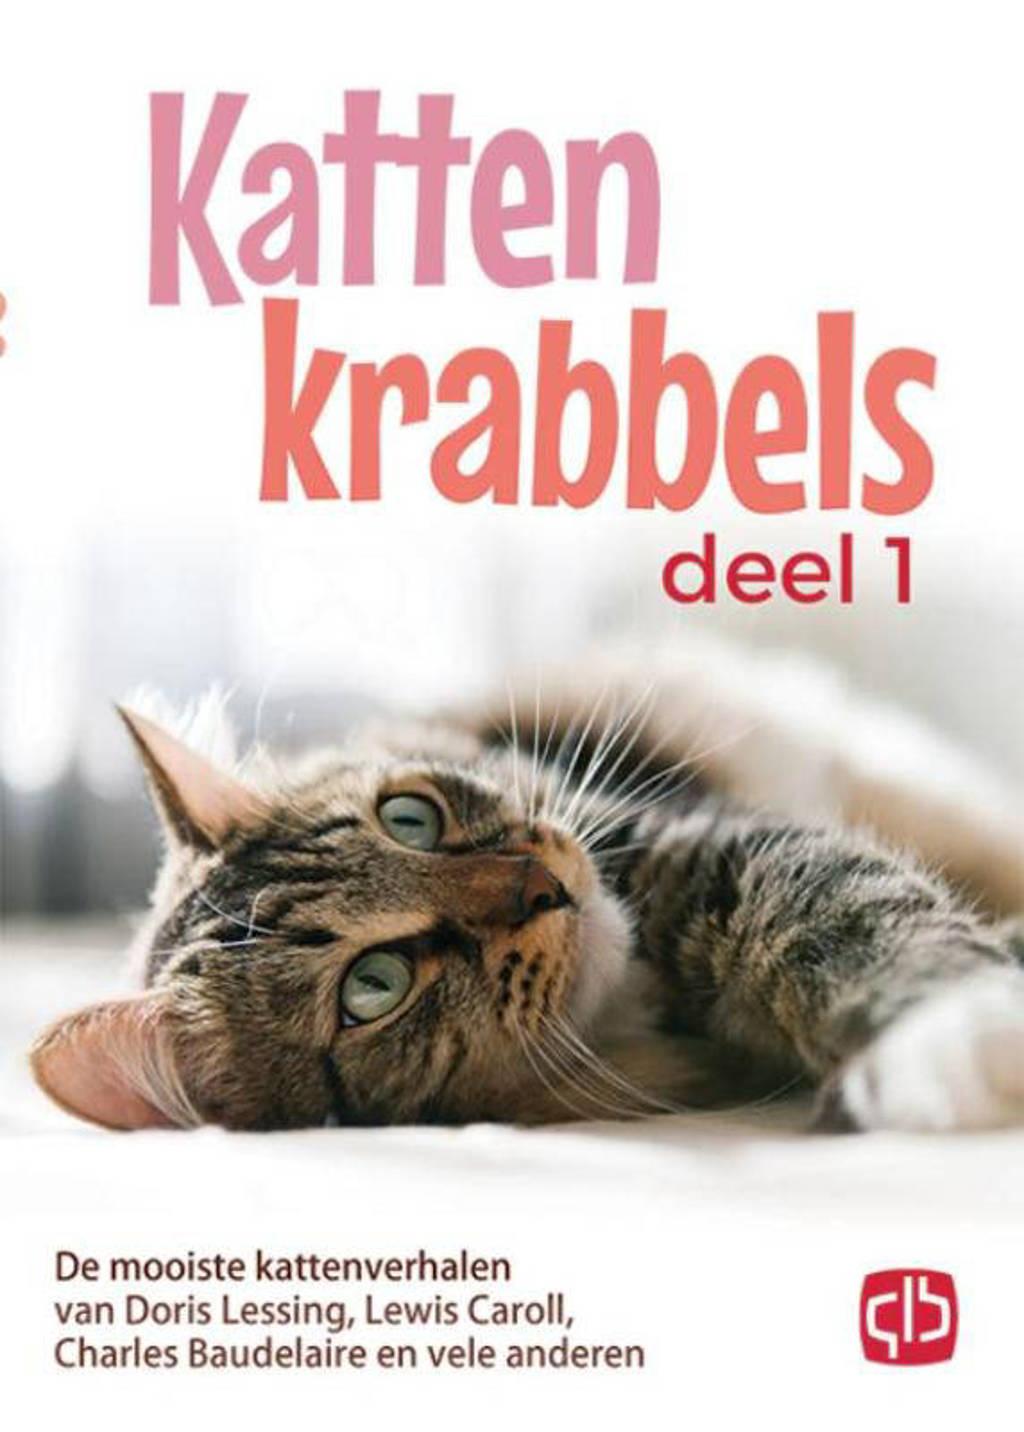 Kattenkrabbels 1 De mooiste kattenverhalen van John Bower, Lewis caroll, W.L. Alden en vele anderen